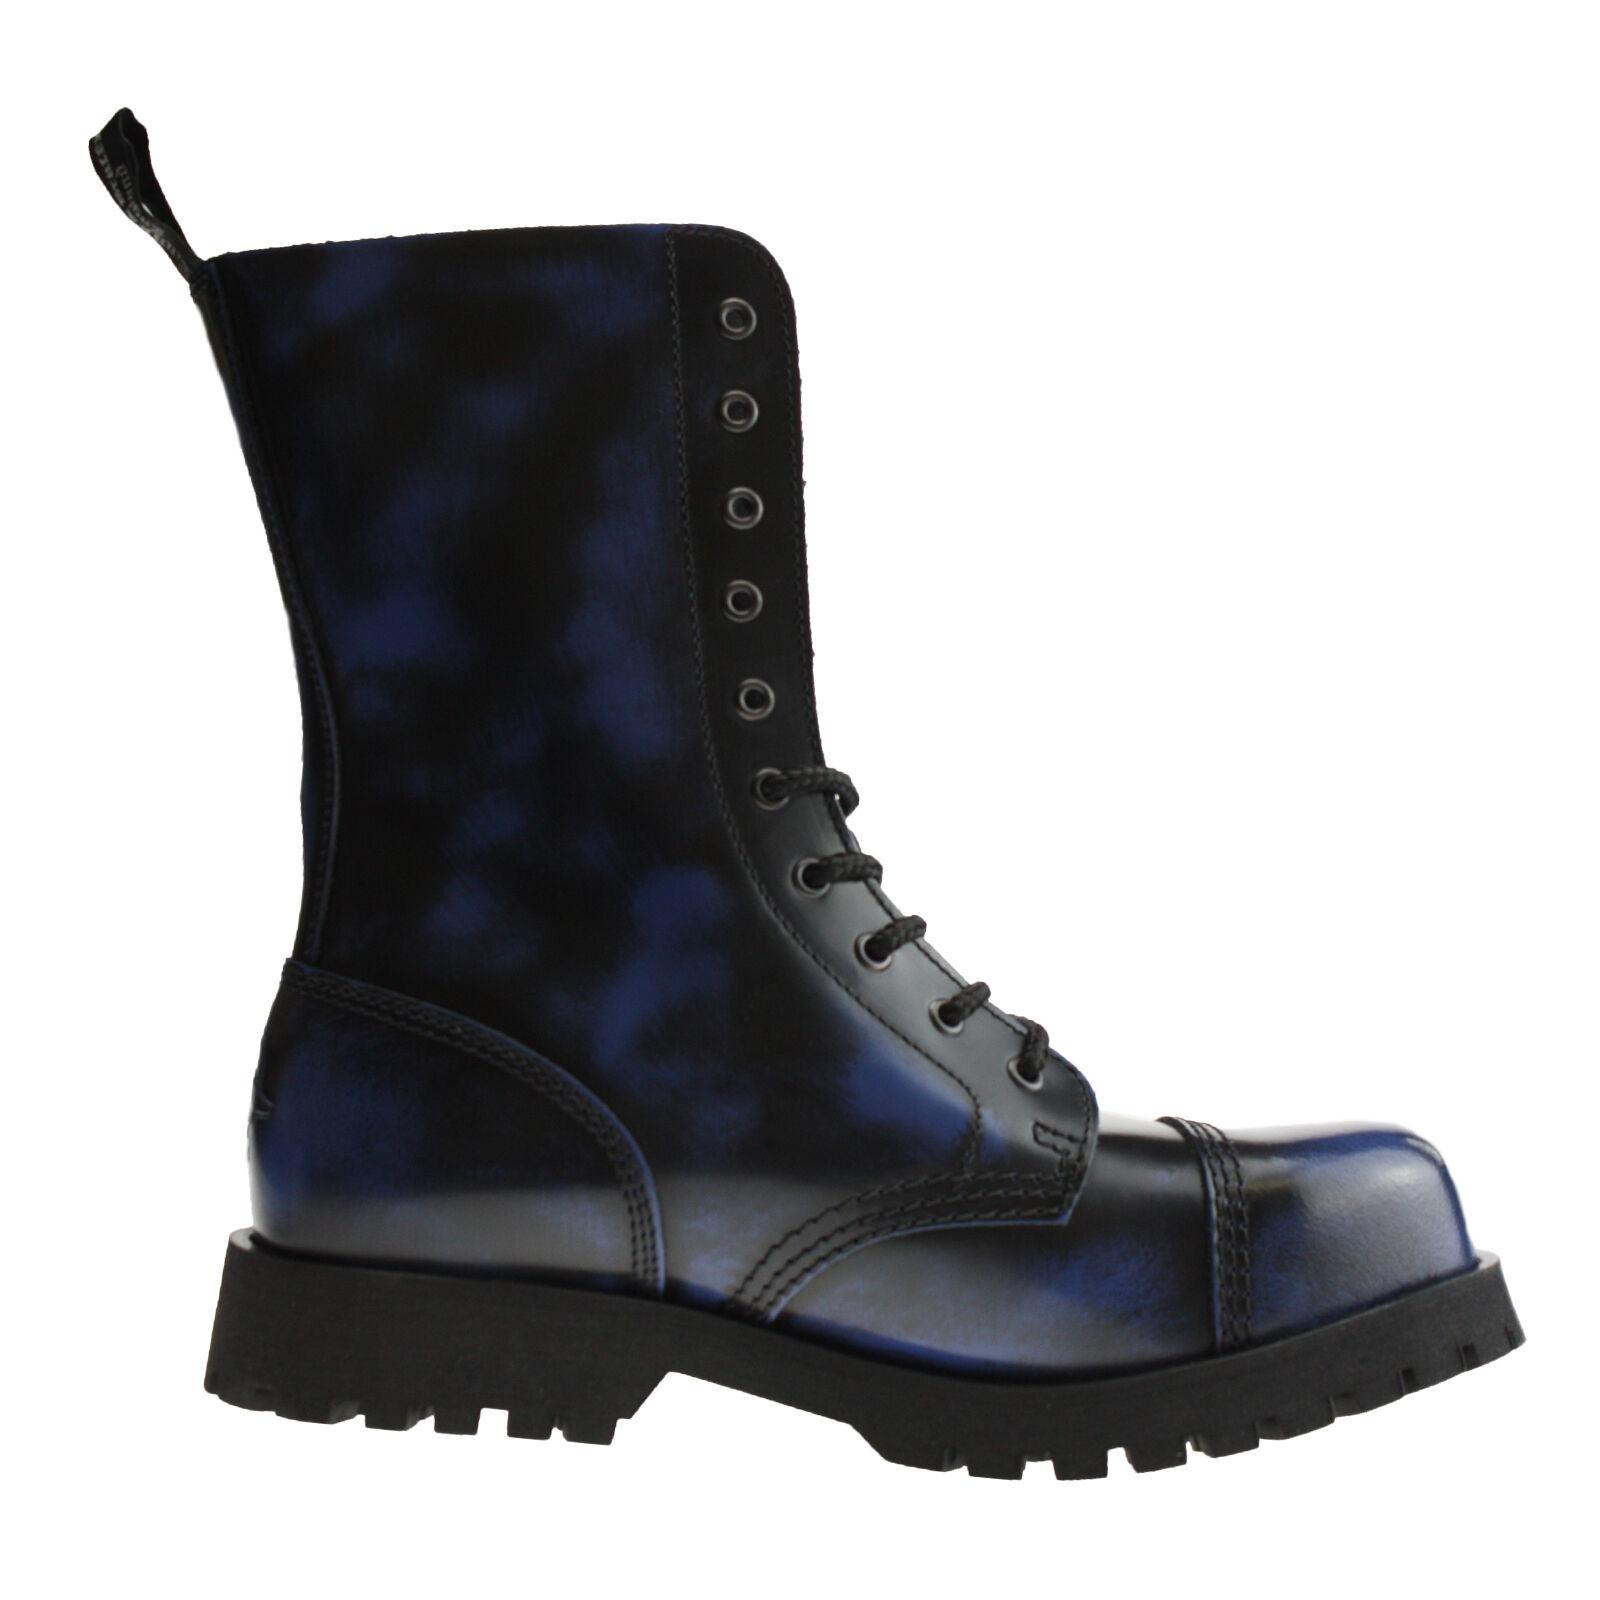 botas botas botas & Braces - 10-agujero azul rubb-Off 783735